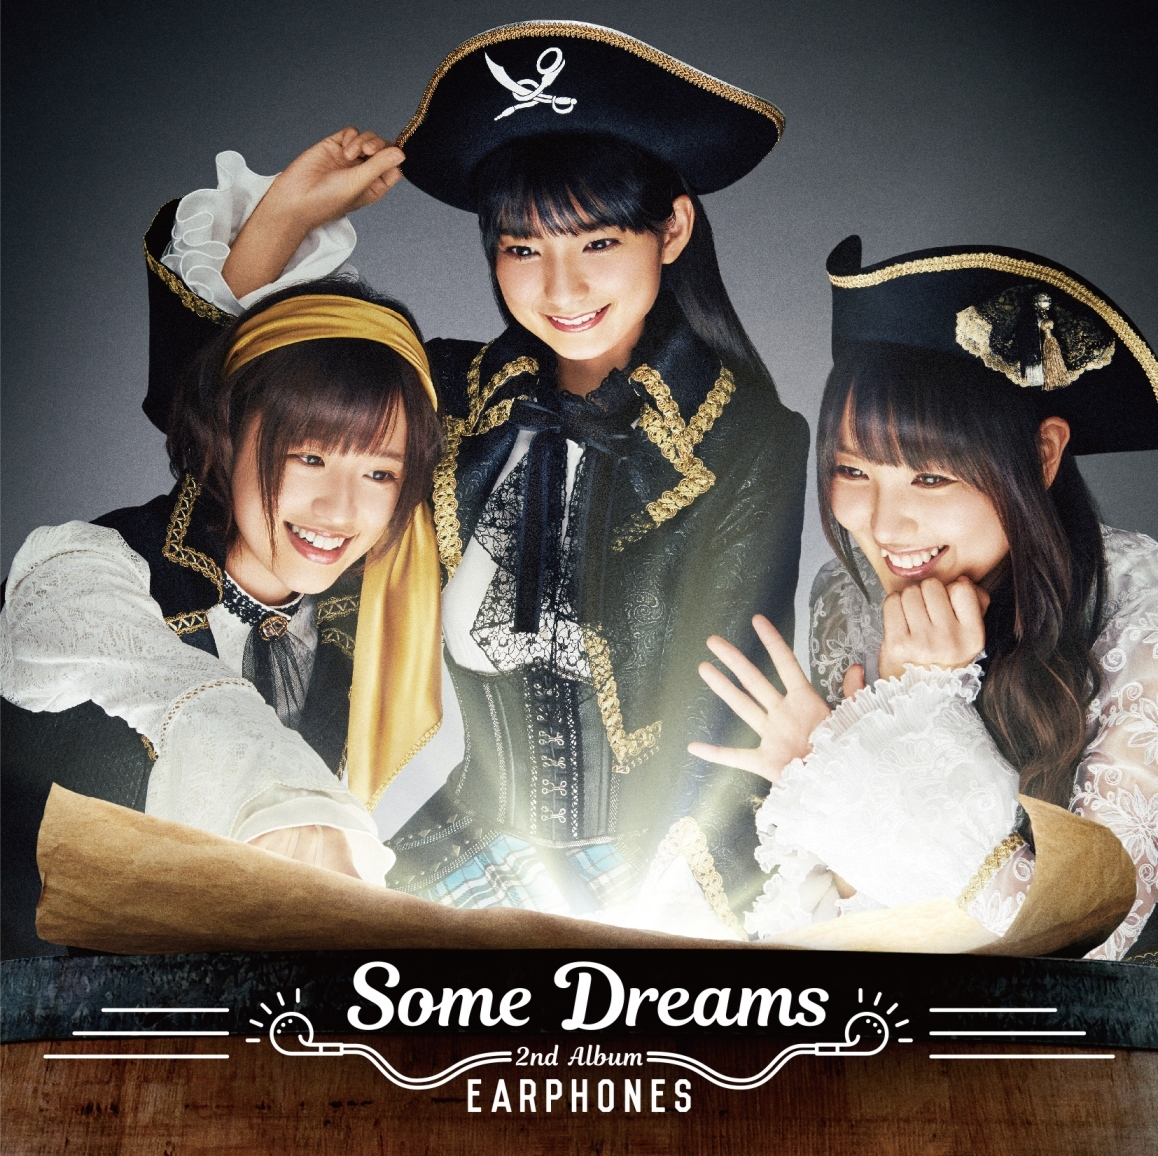 イヤホンズ『Some Dreams』月世界旅行楽団通常盤